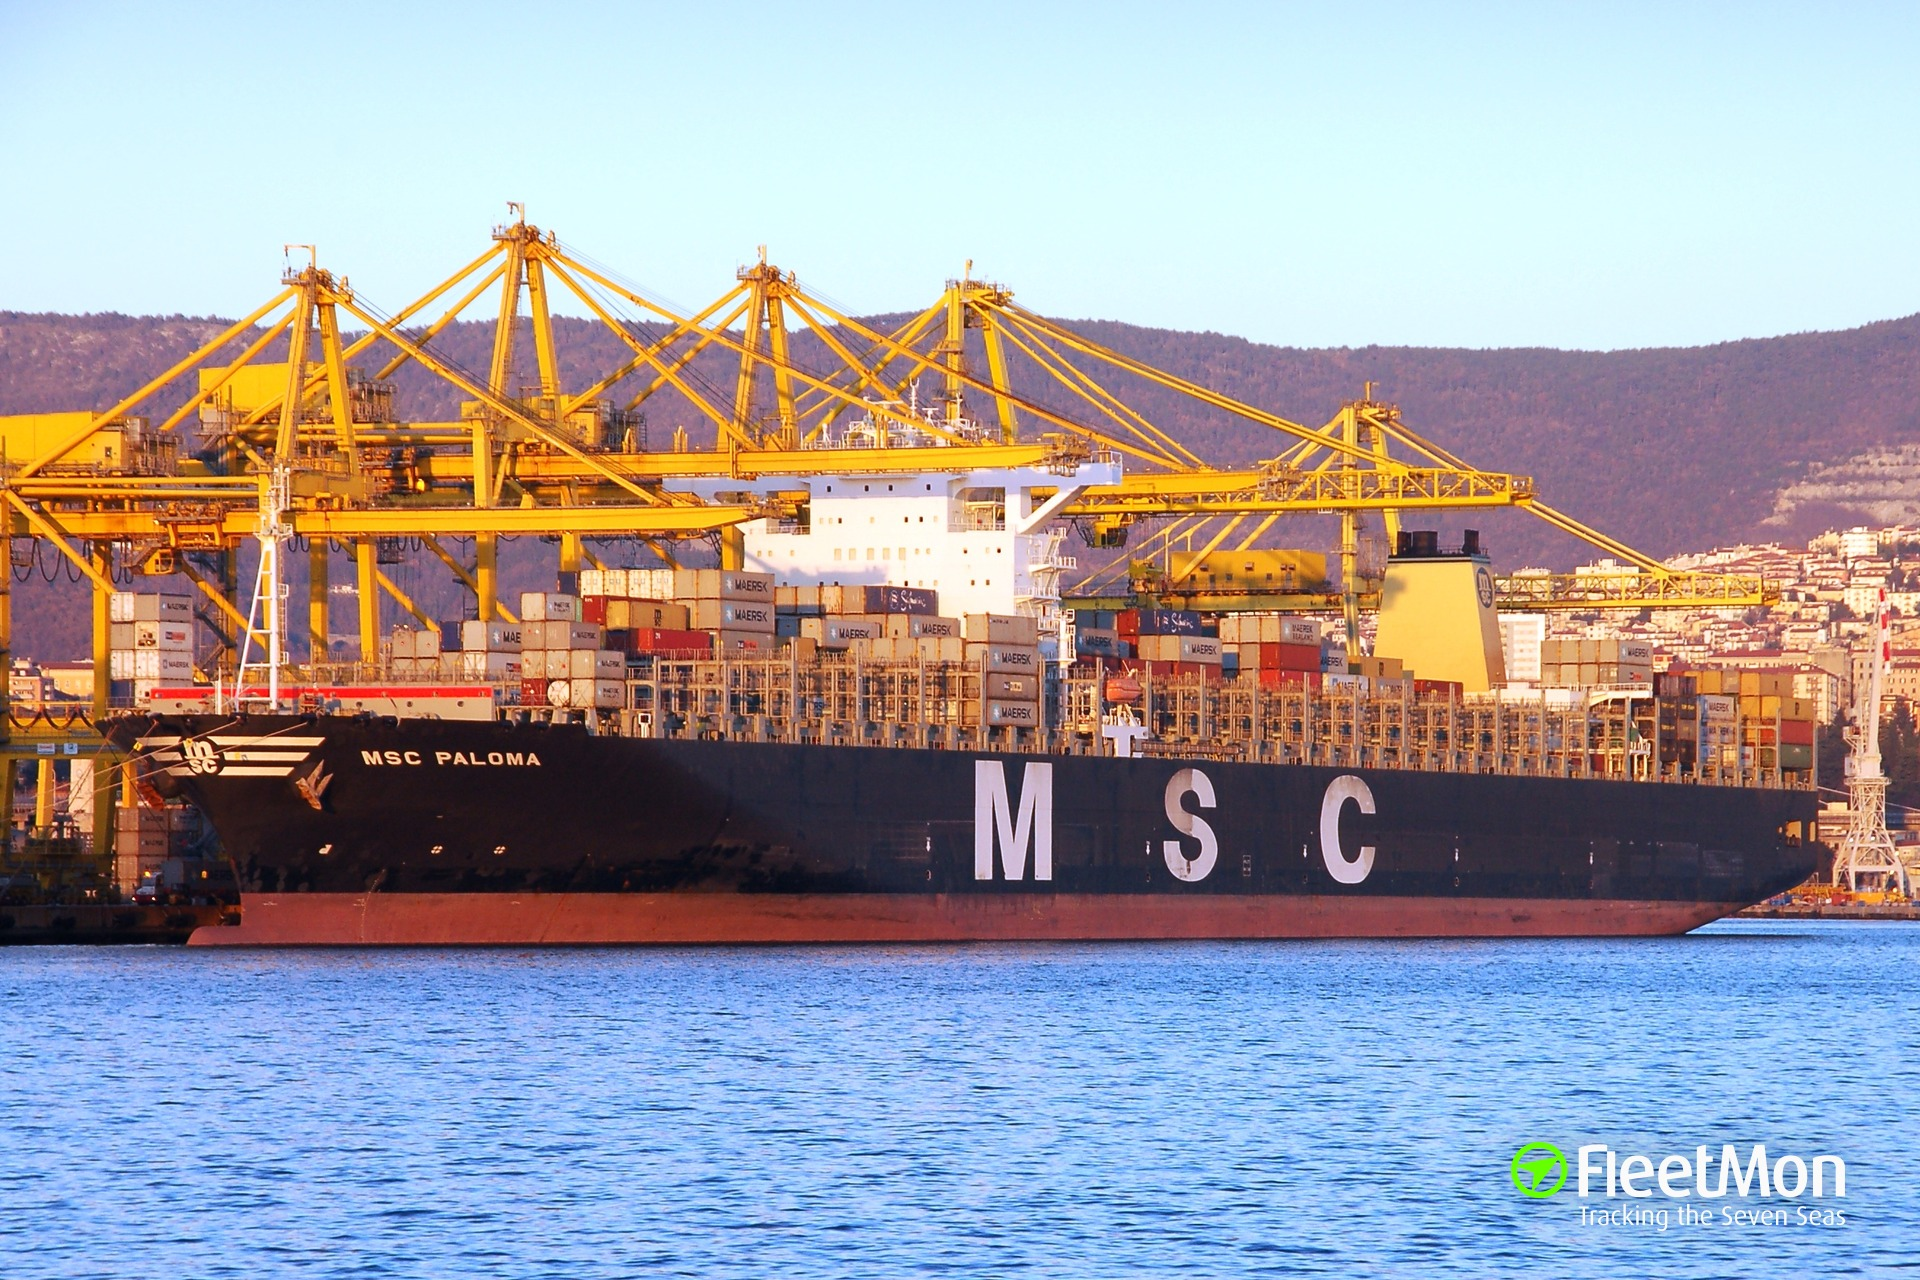 MSC PALOMA in Trieste